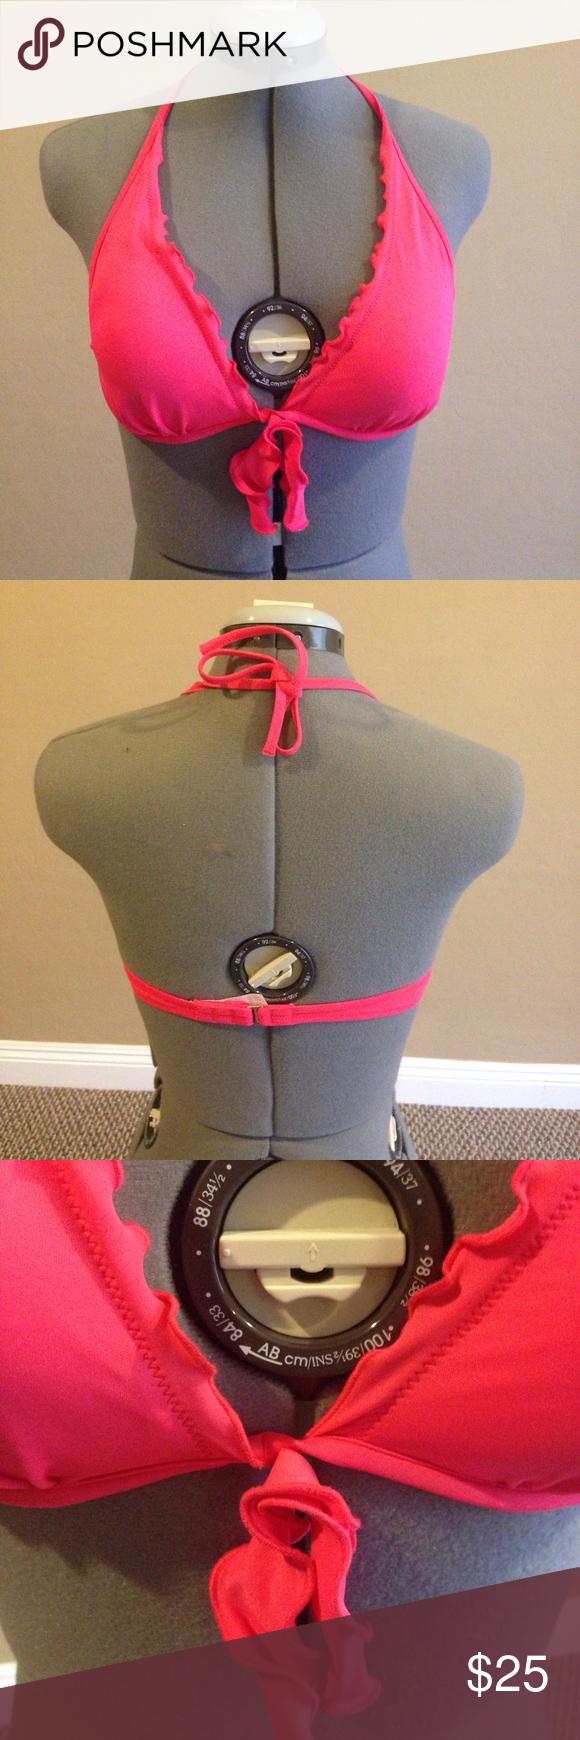 Bikini top This salmon-colored bikini top will match a ...